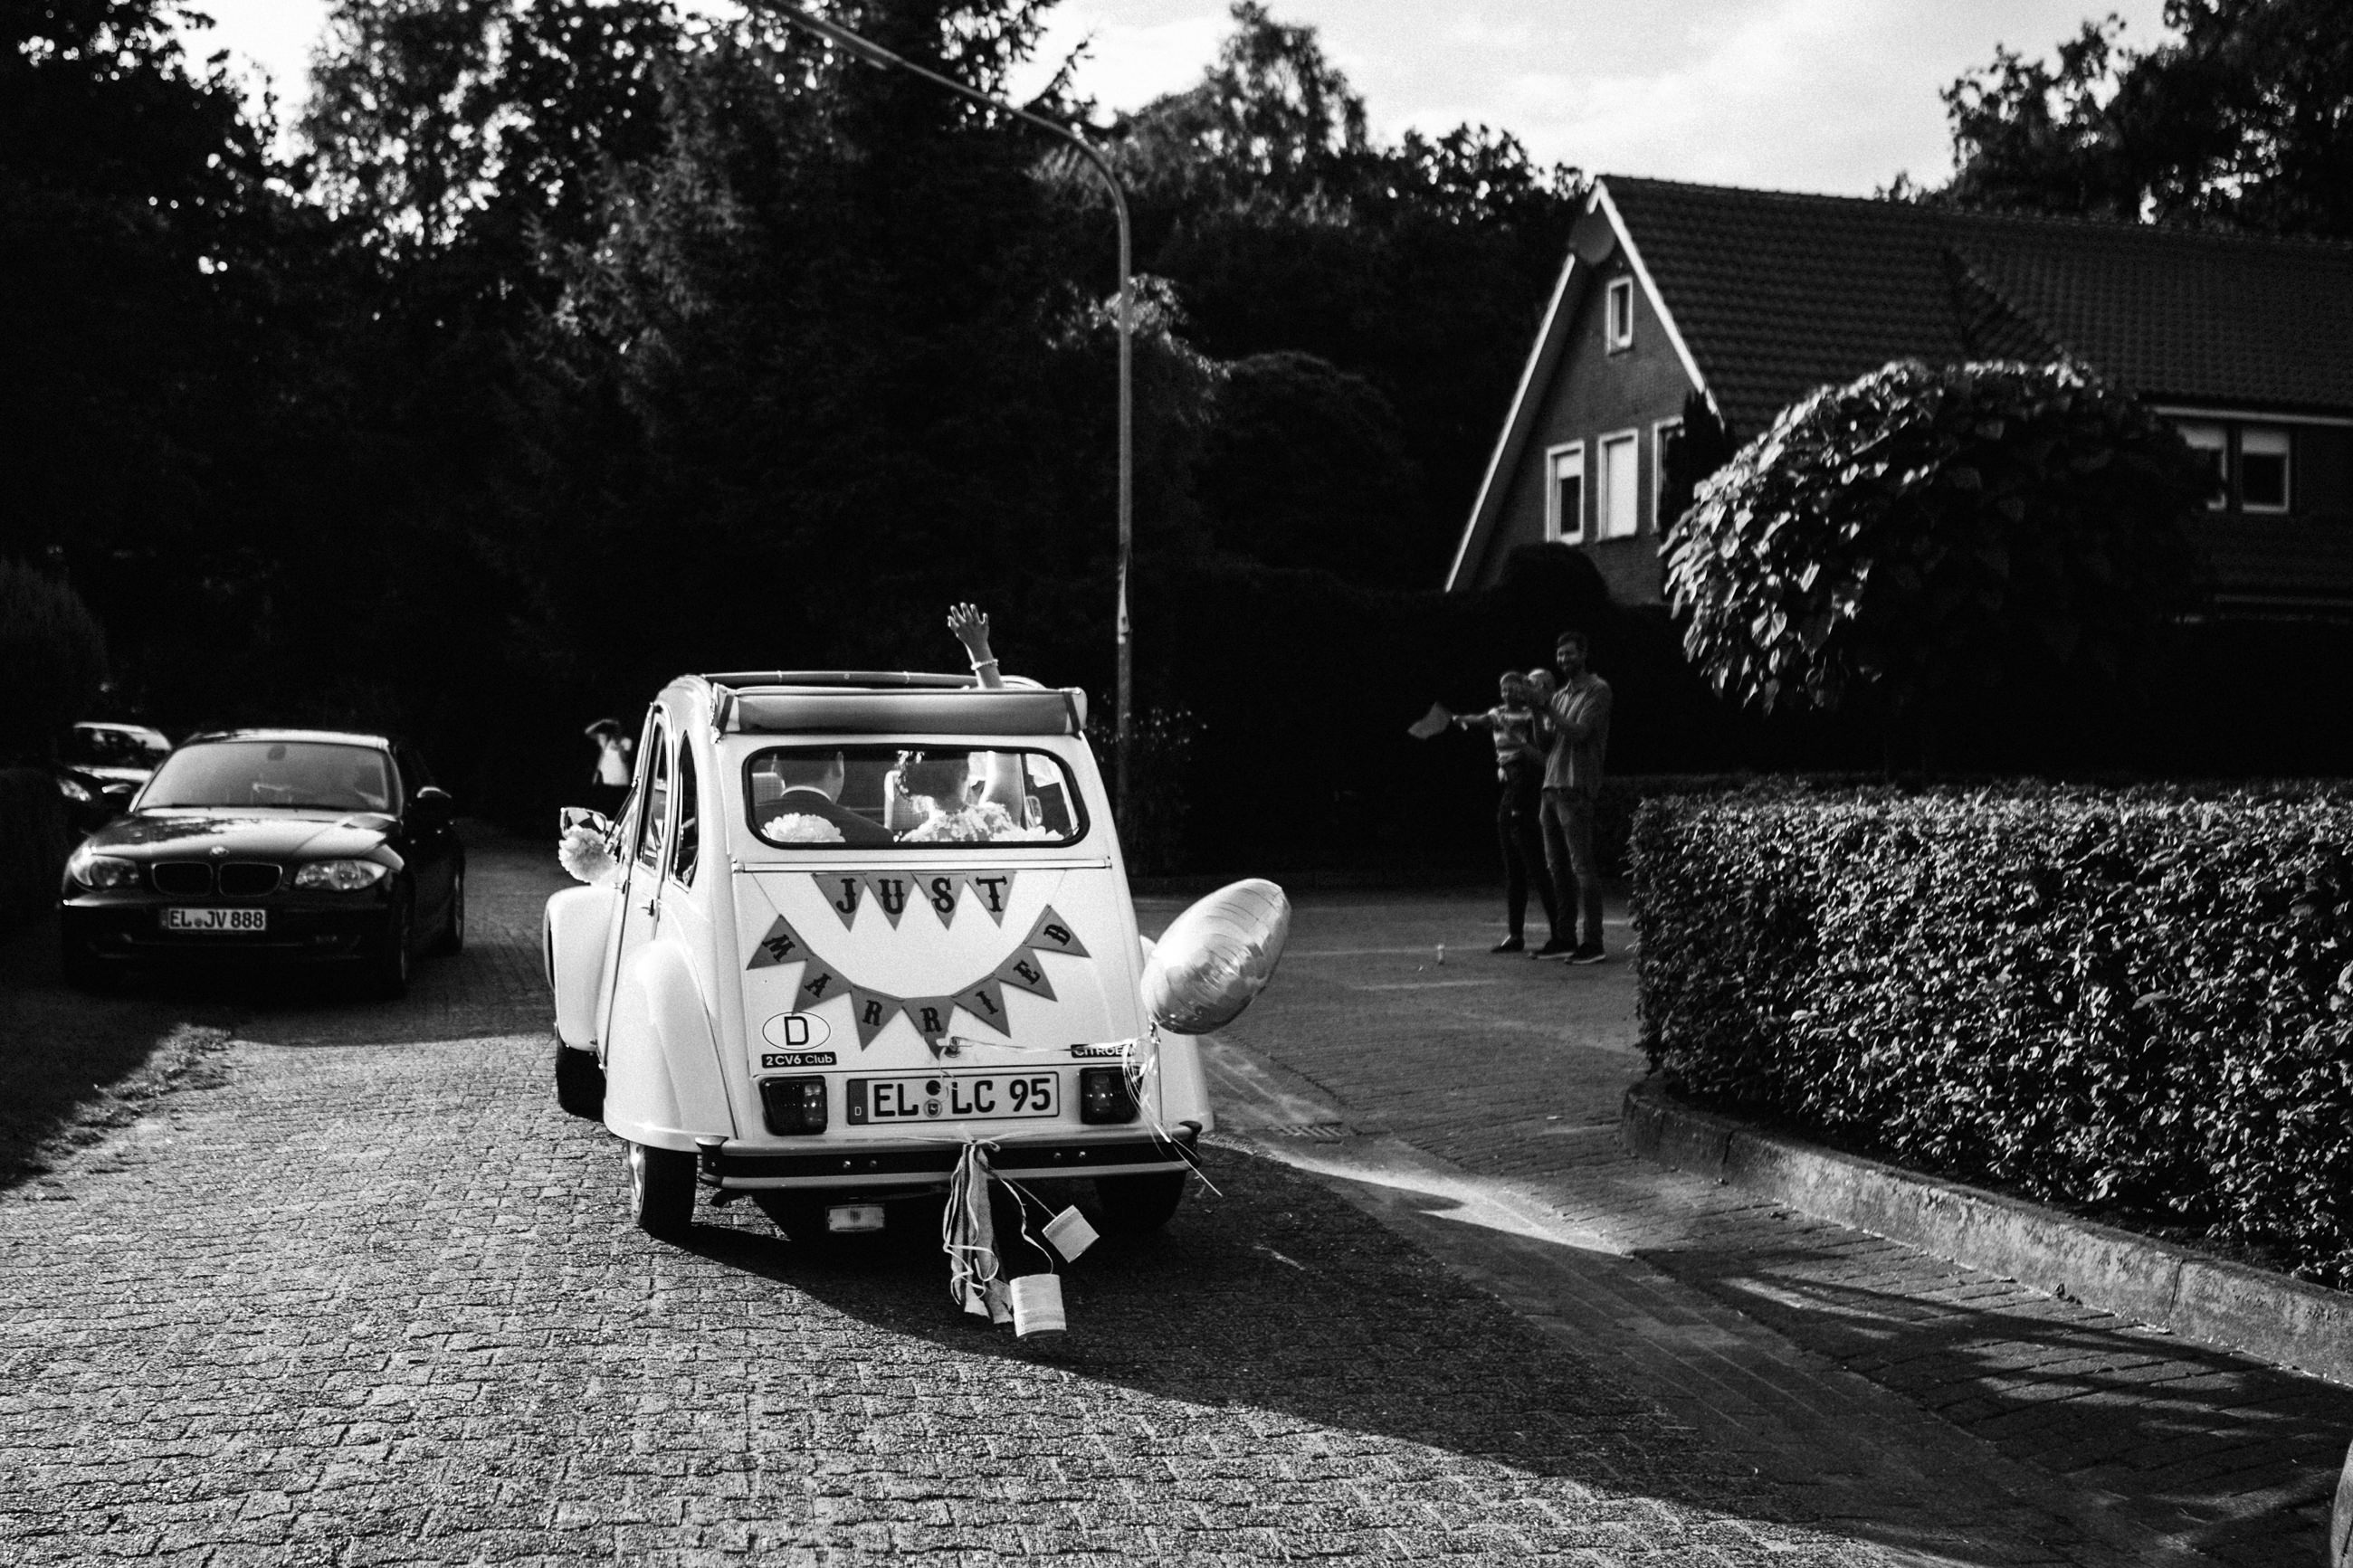 Ausfahrt im Hochzeitsauto - Authentische Hochzeitsreportage in Niedersachsen - PETERSØN